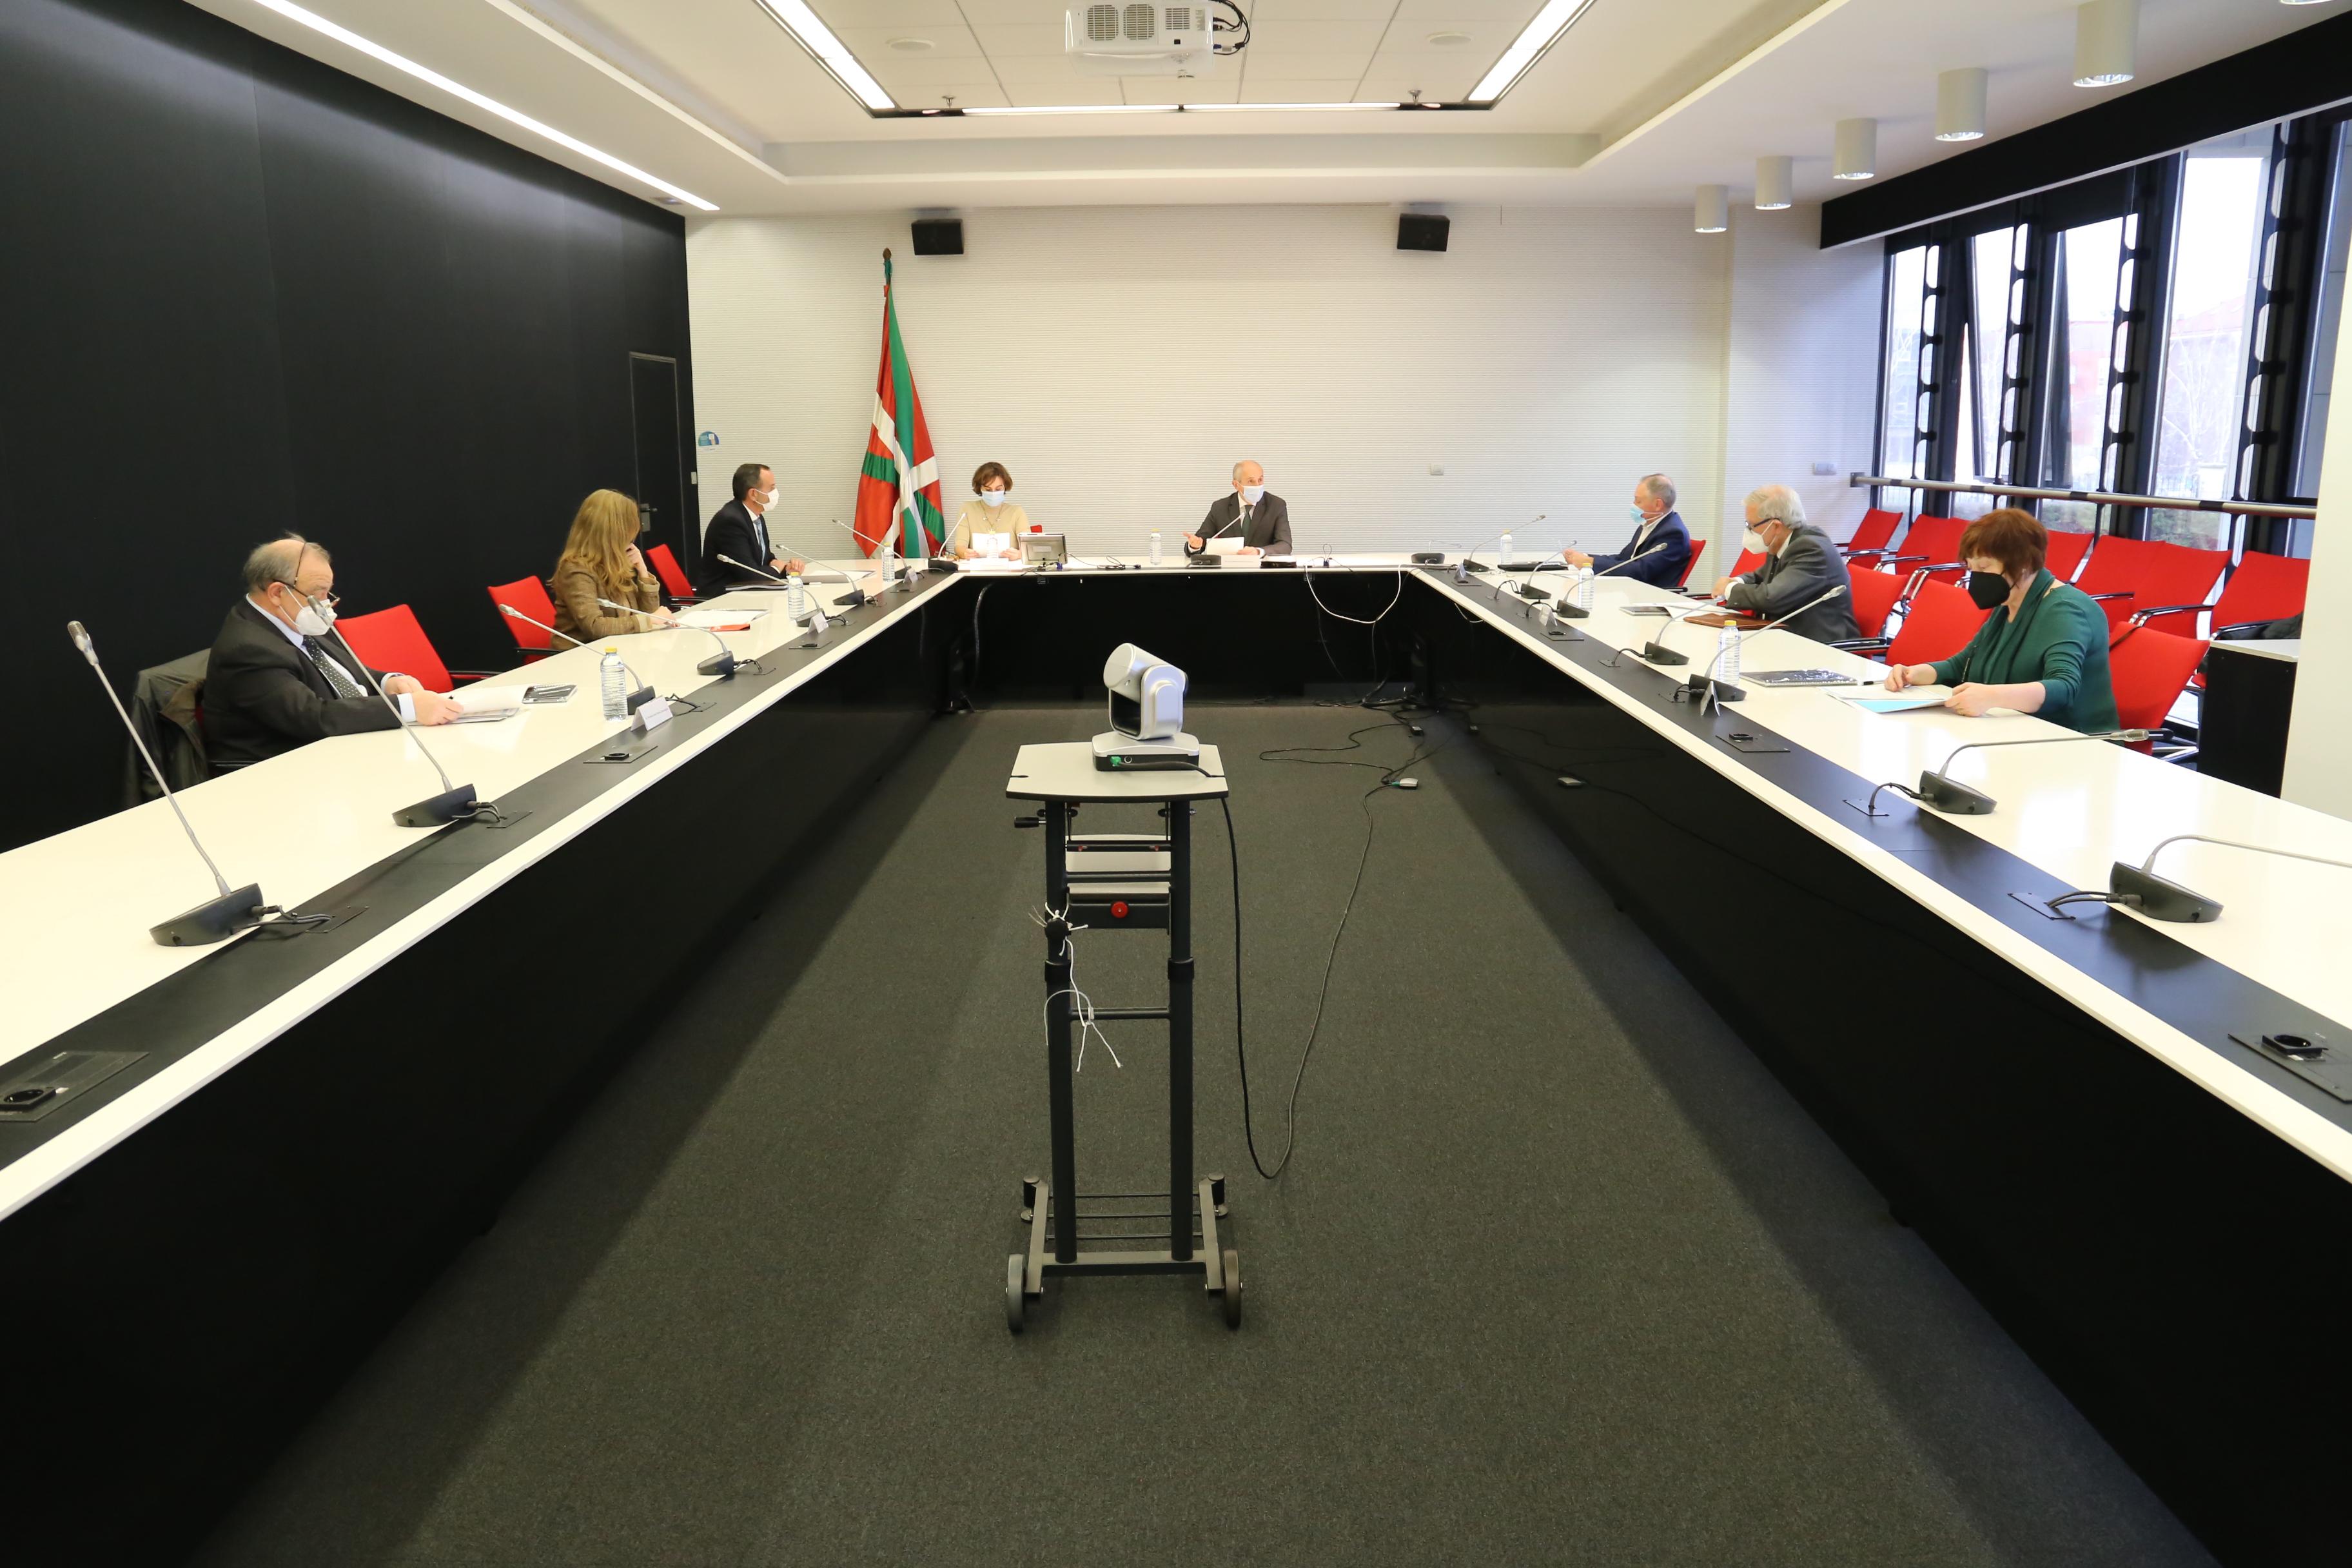 """Se constituye la """"Comisión de Control y Transparencia de la Policía del País Vasco""""  [0:59]"""